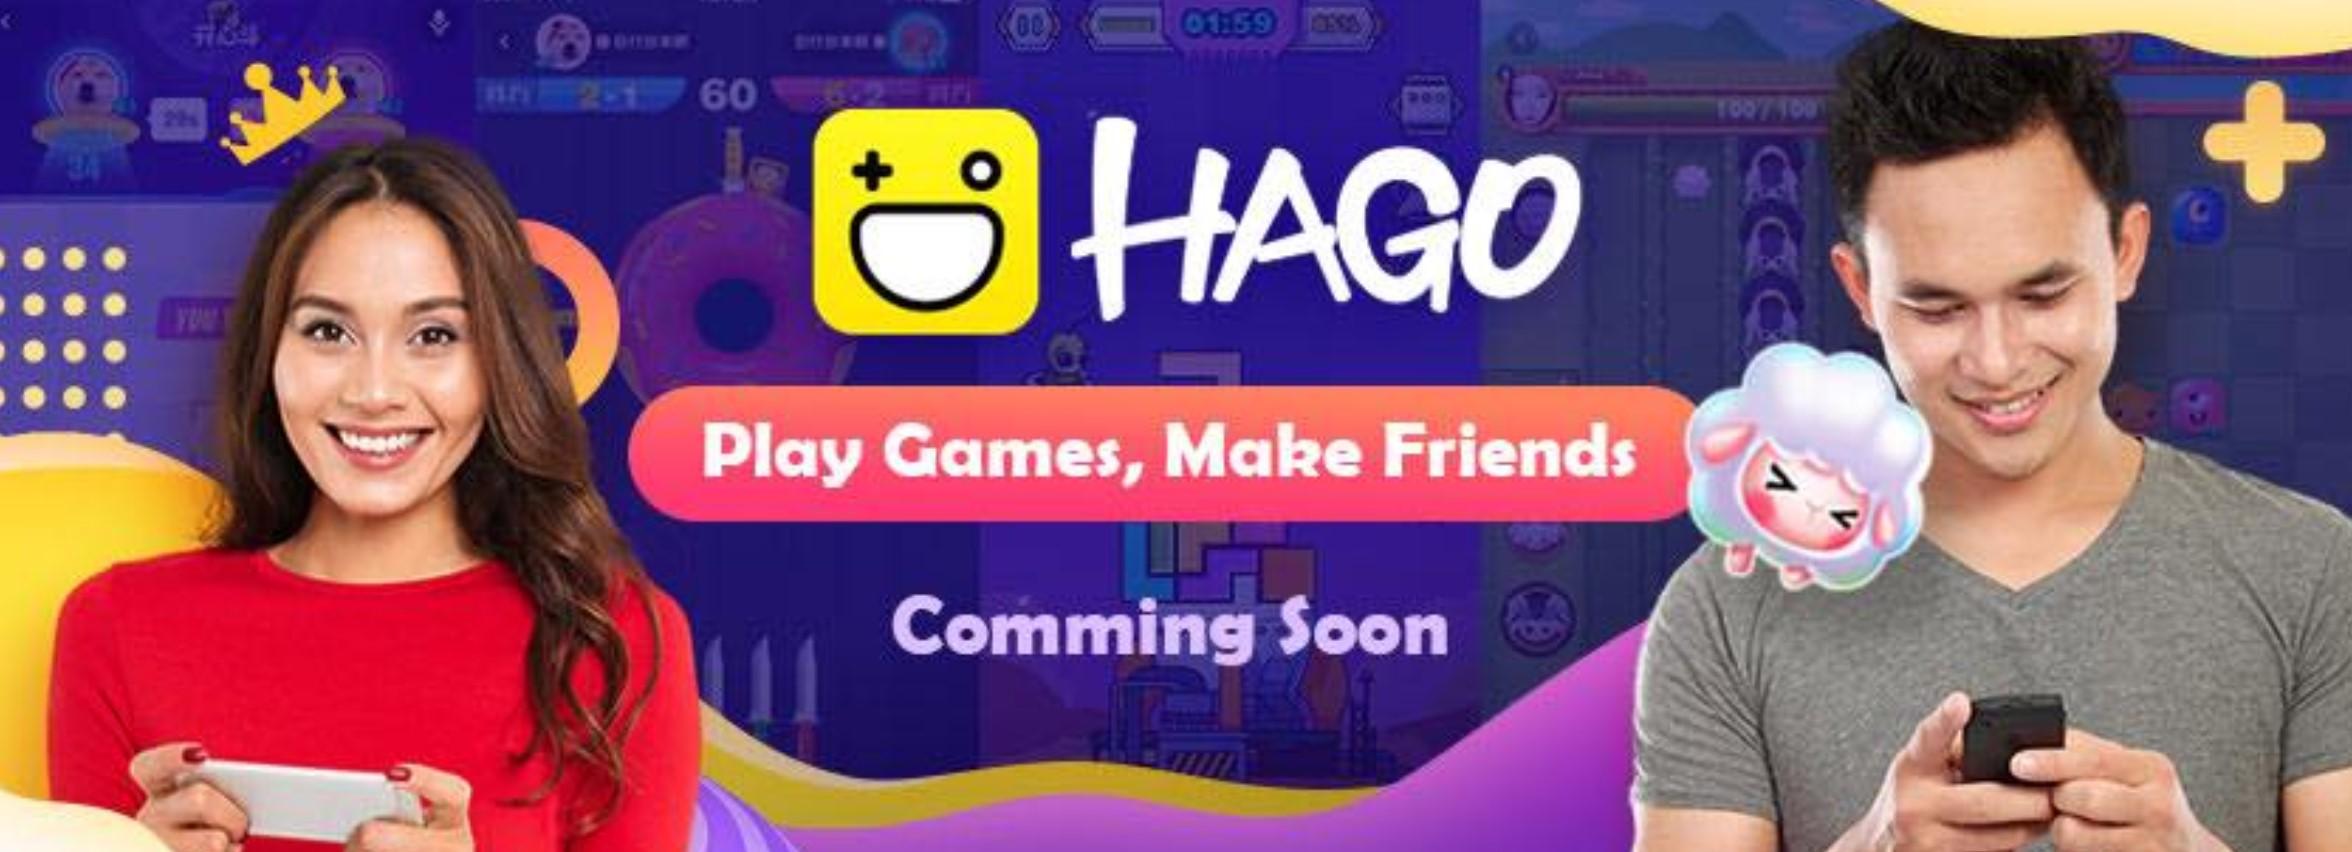 Nạp tiền Hago bằng thẻ điện thoại